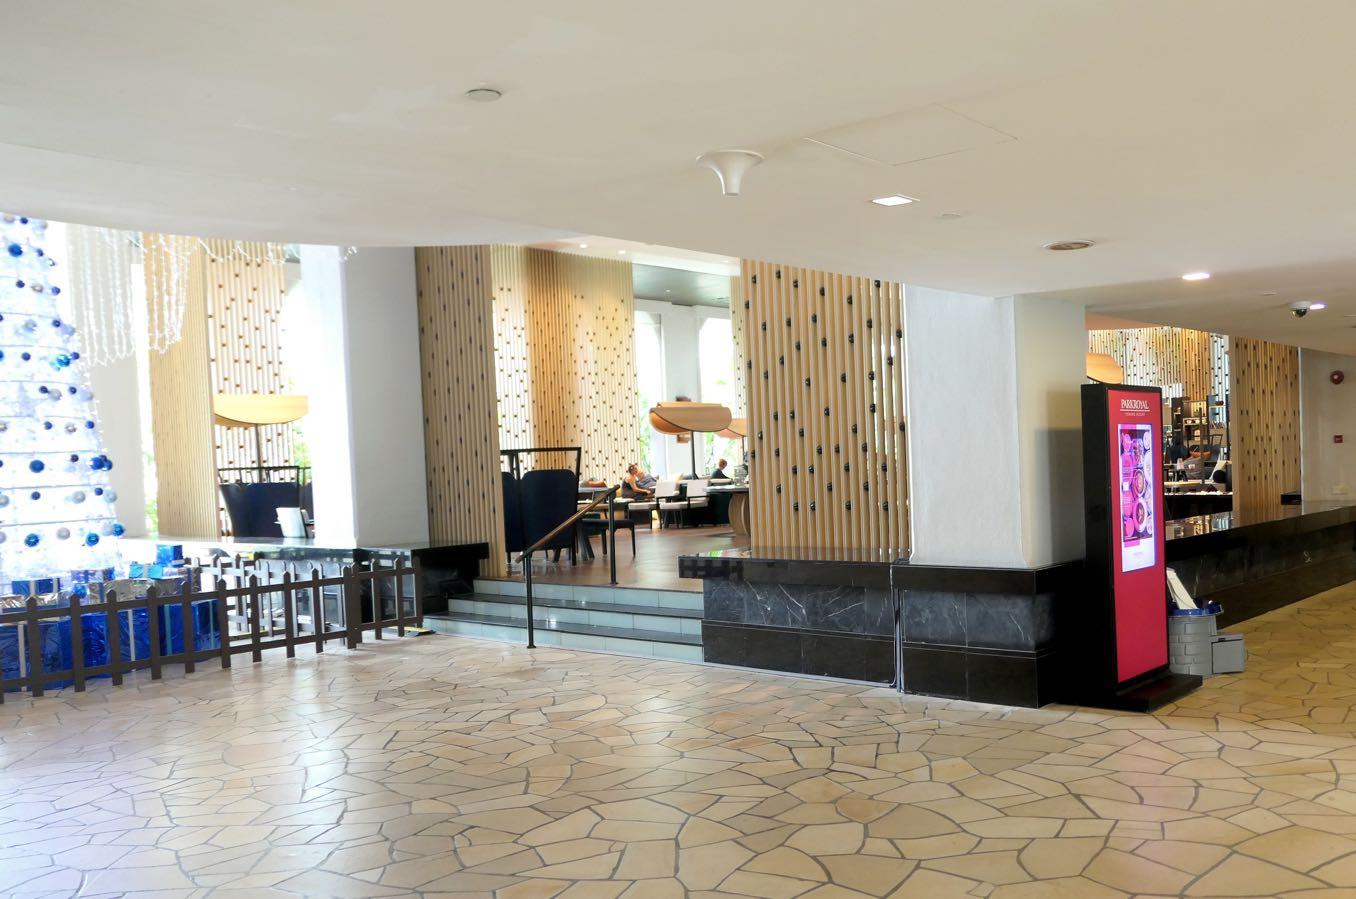 ホテルに入ってすぐの風景